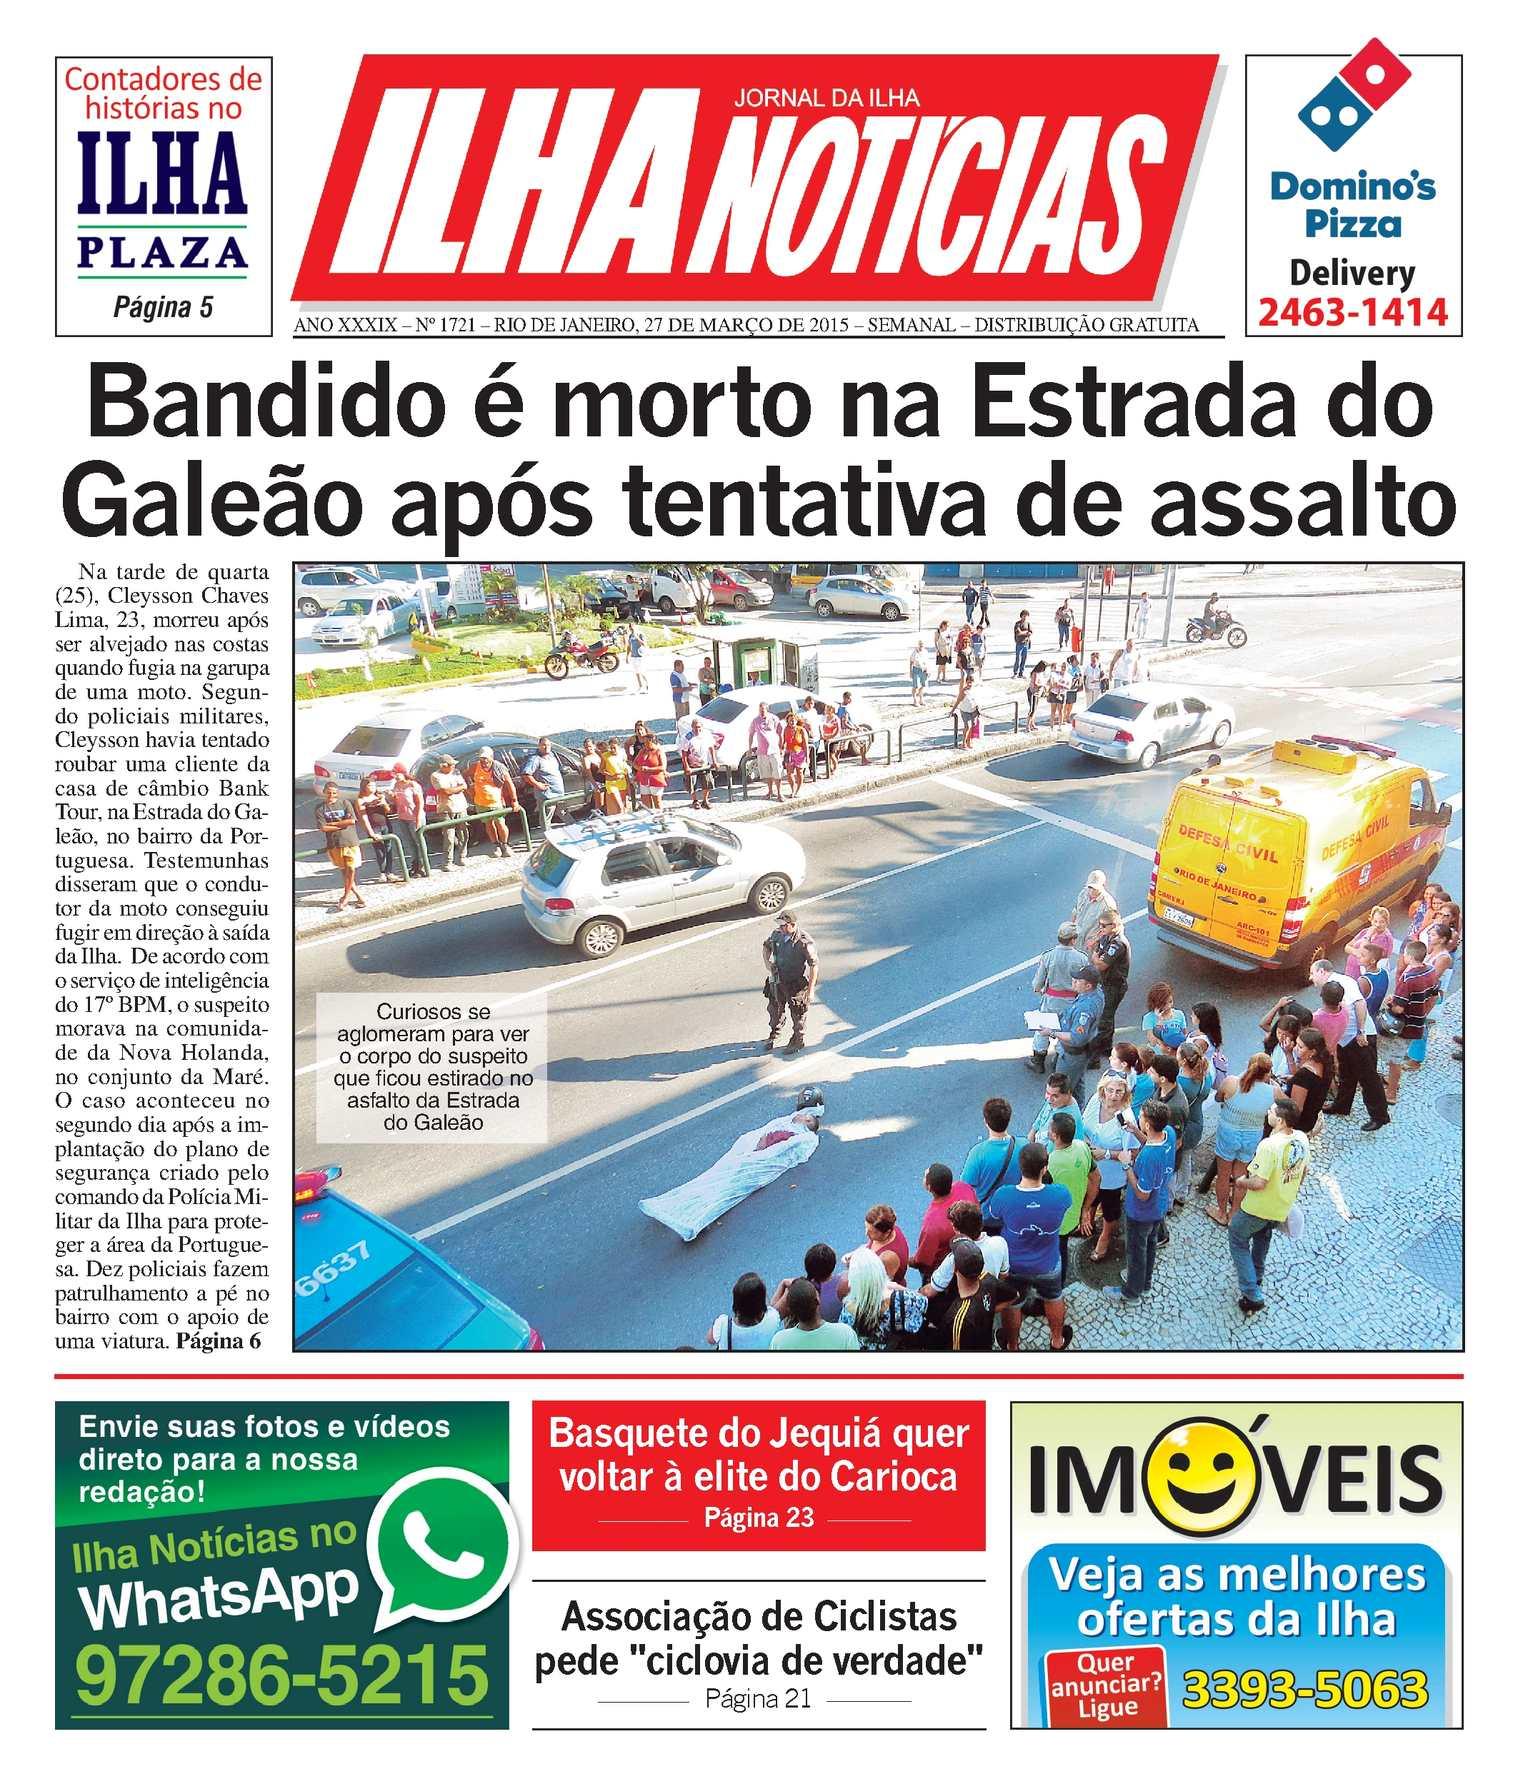 005adad71 Calaméo - Jornal Ilha Notícias - Edição 1721 - 27 3 2015